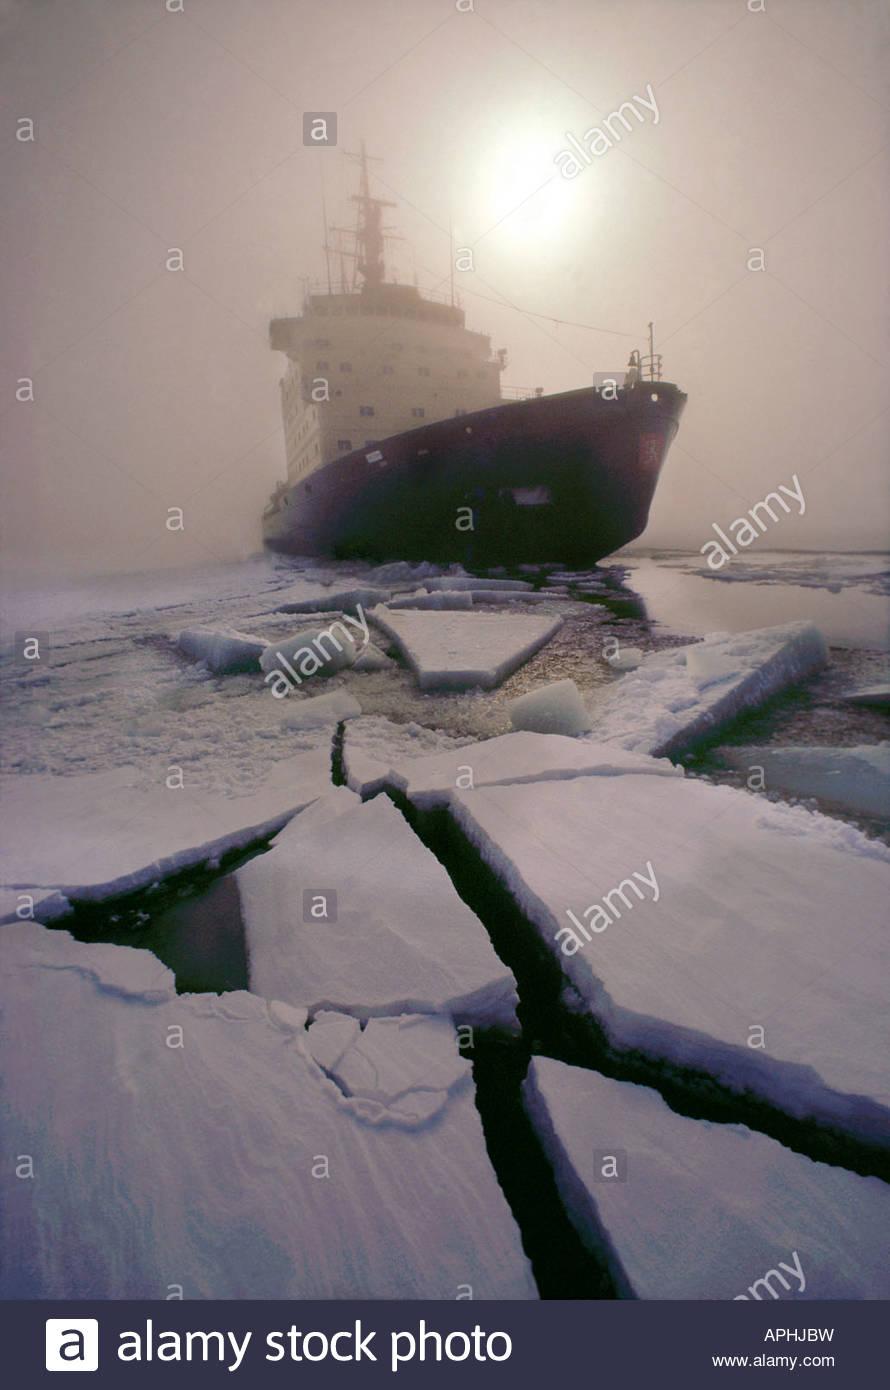 Finnische Eisbrecher Sisu brechen Eis in den Golf von Bothnia Nordfinnland Stockfoto